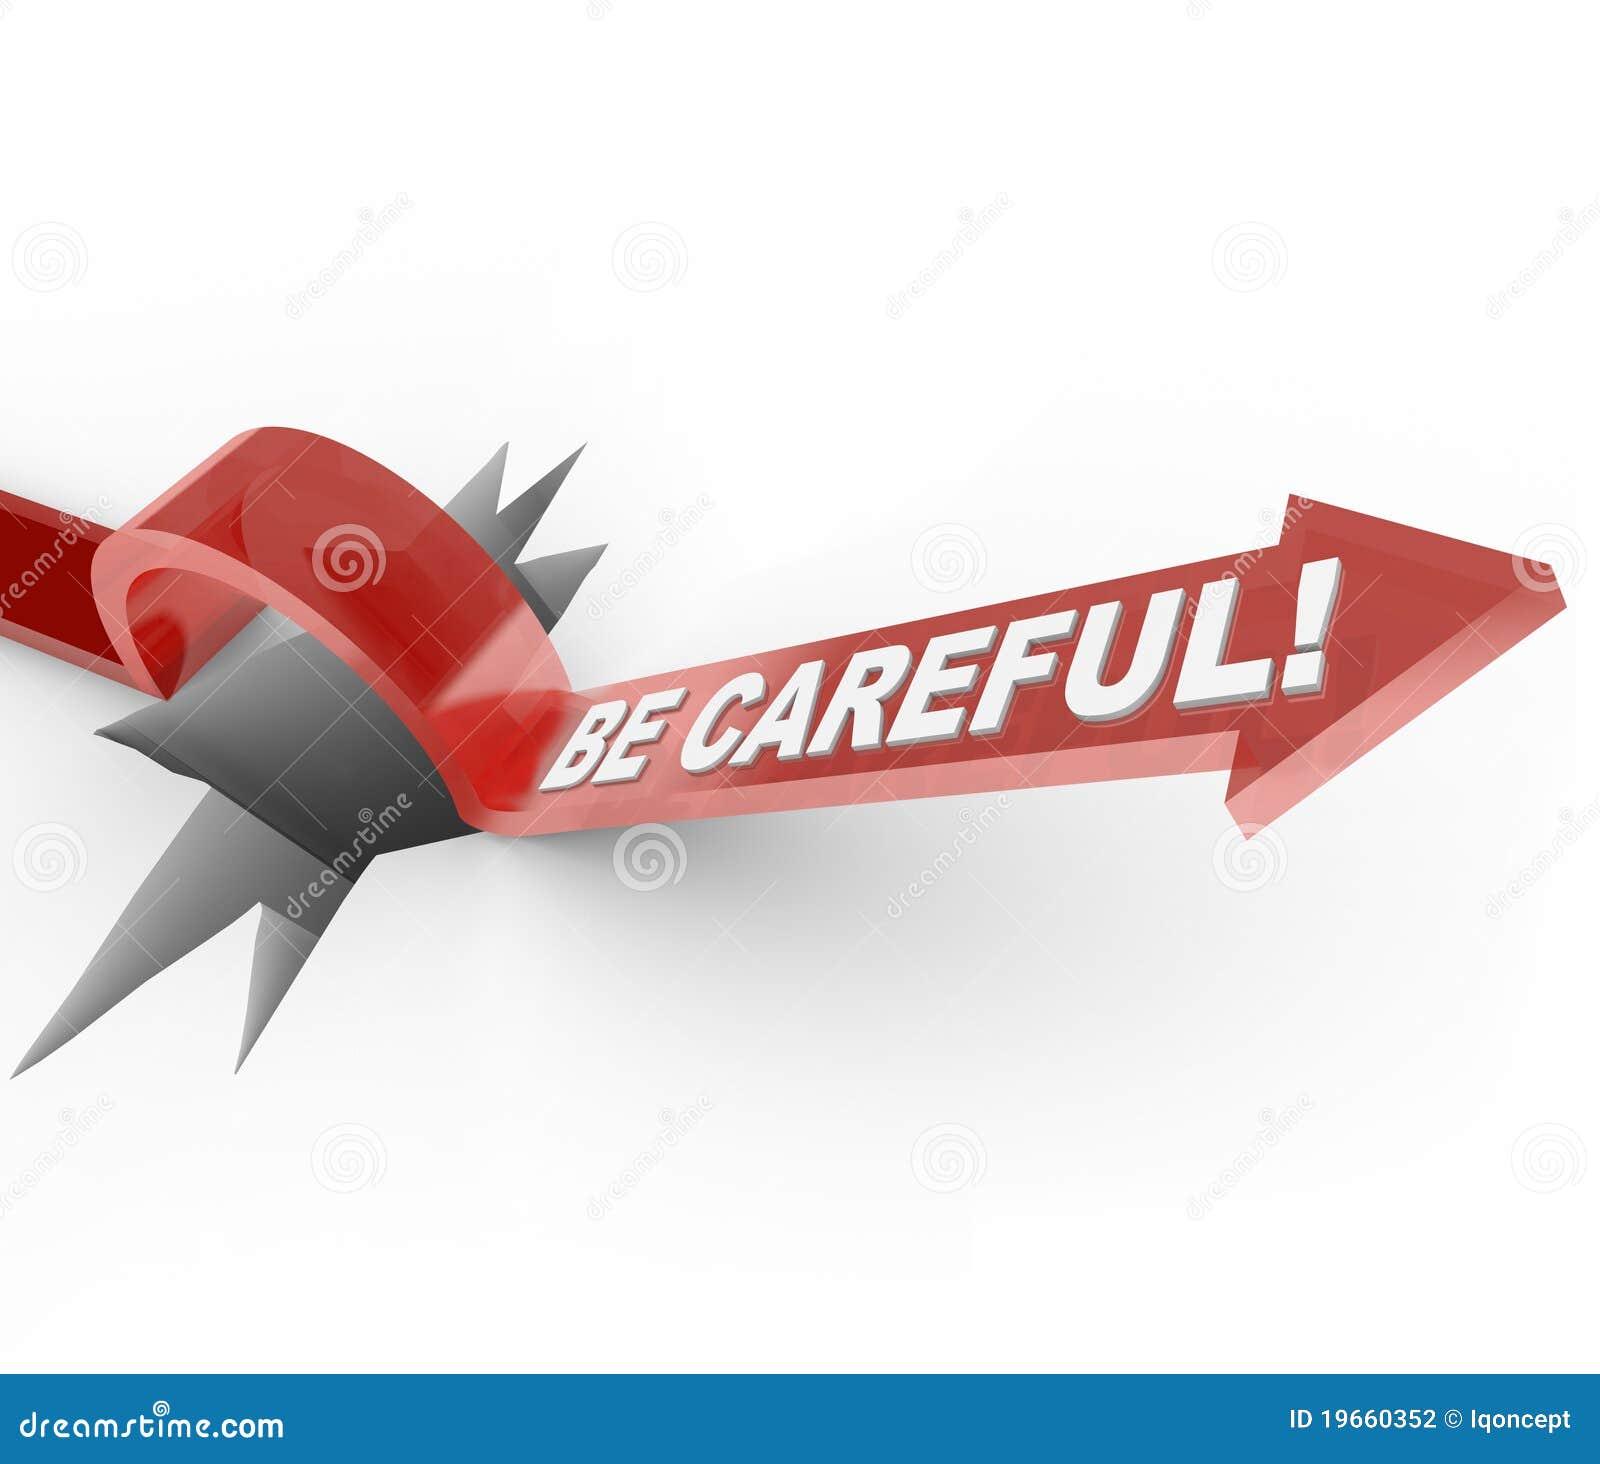 Seja cuidadoso - seja aviso alerta para o perigo perigoso